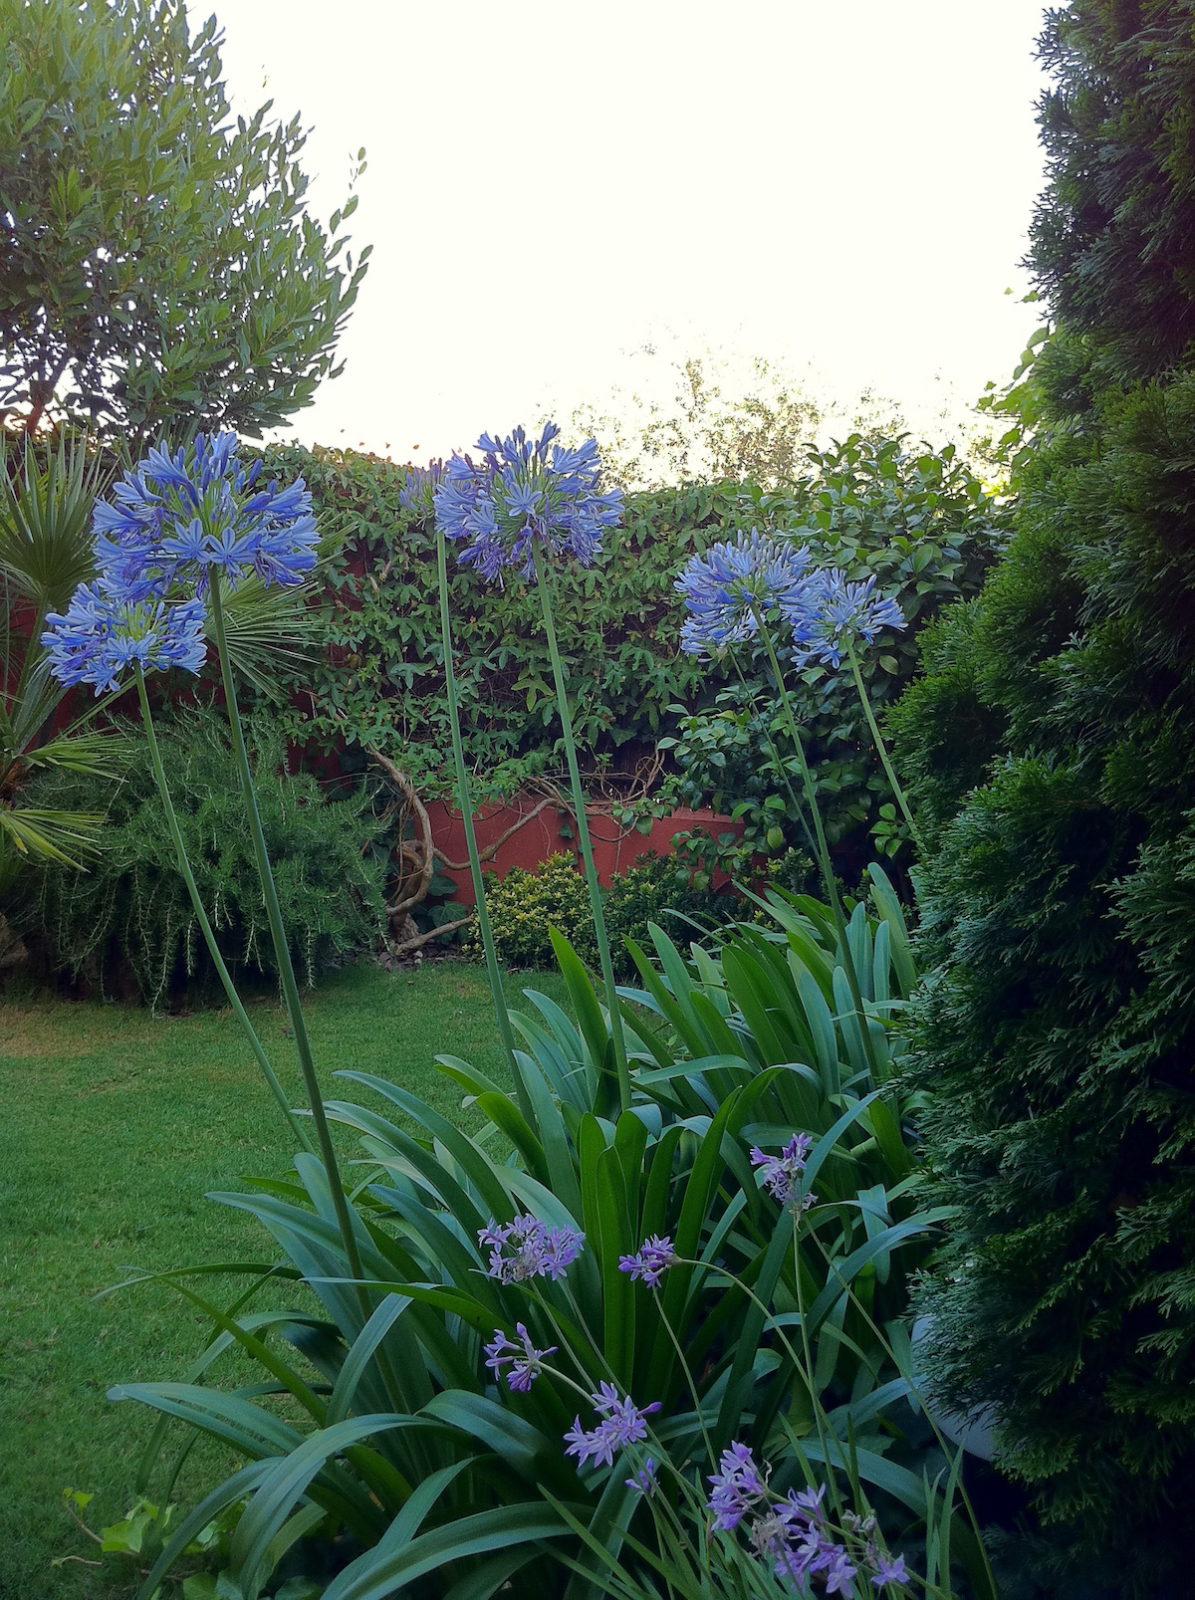 la foto 9 - Terraza jardín, proyecto de ajarinamiento en Tomares.